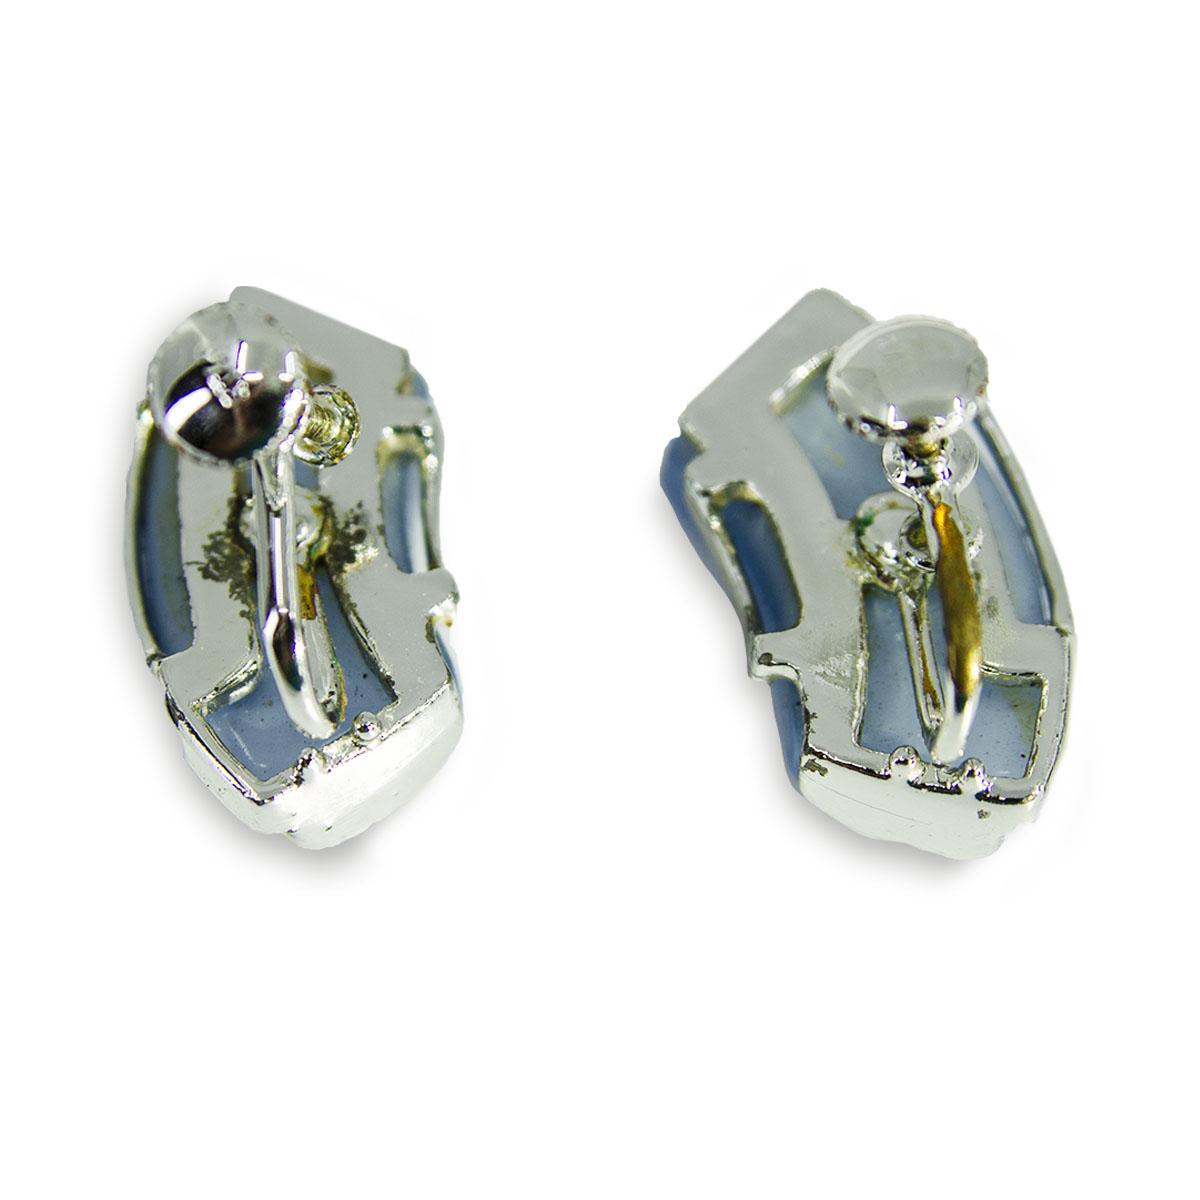 Blue screw back earrings